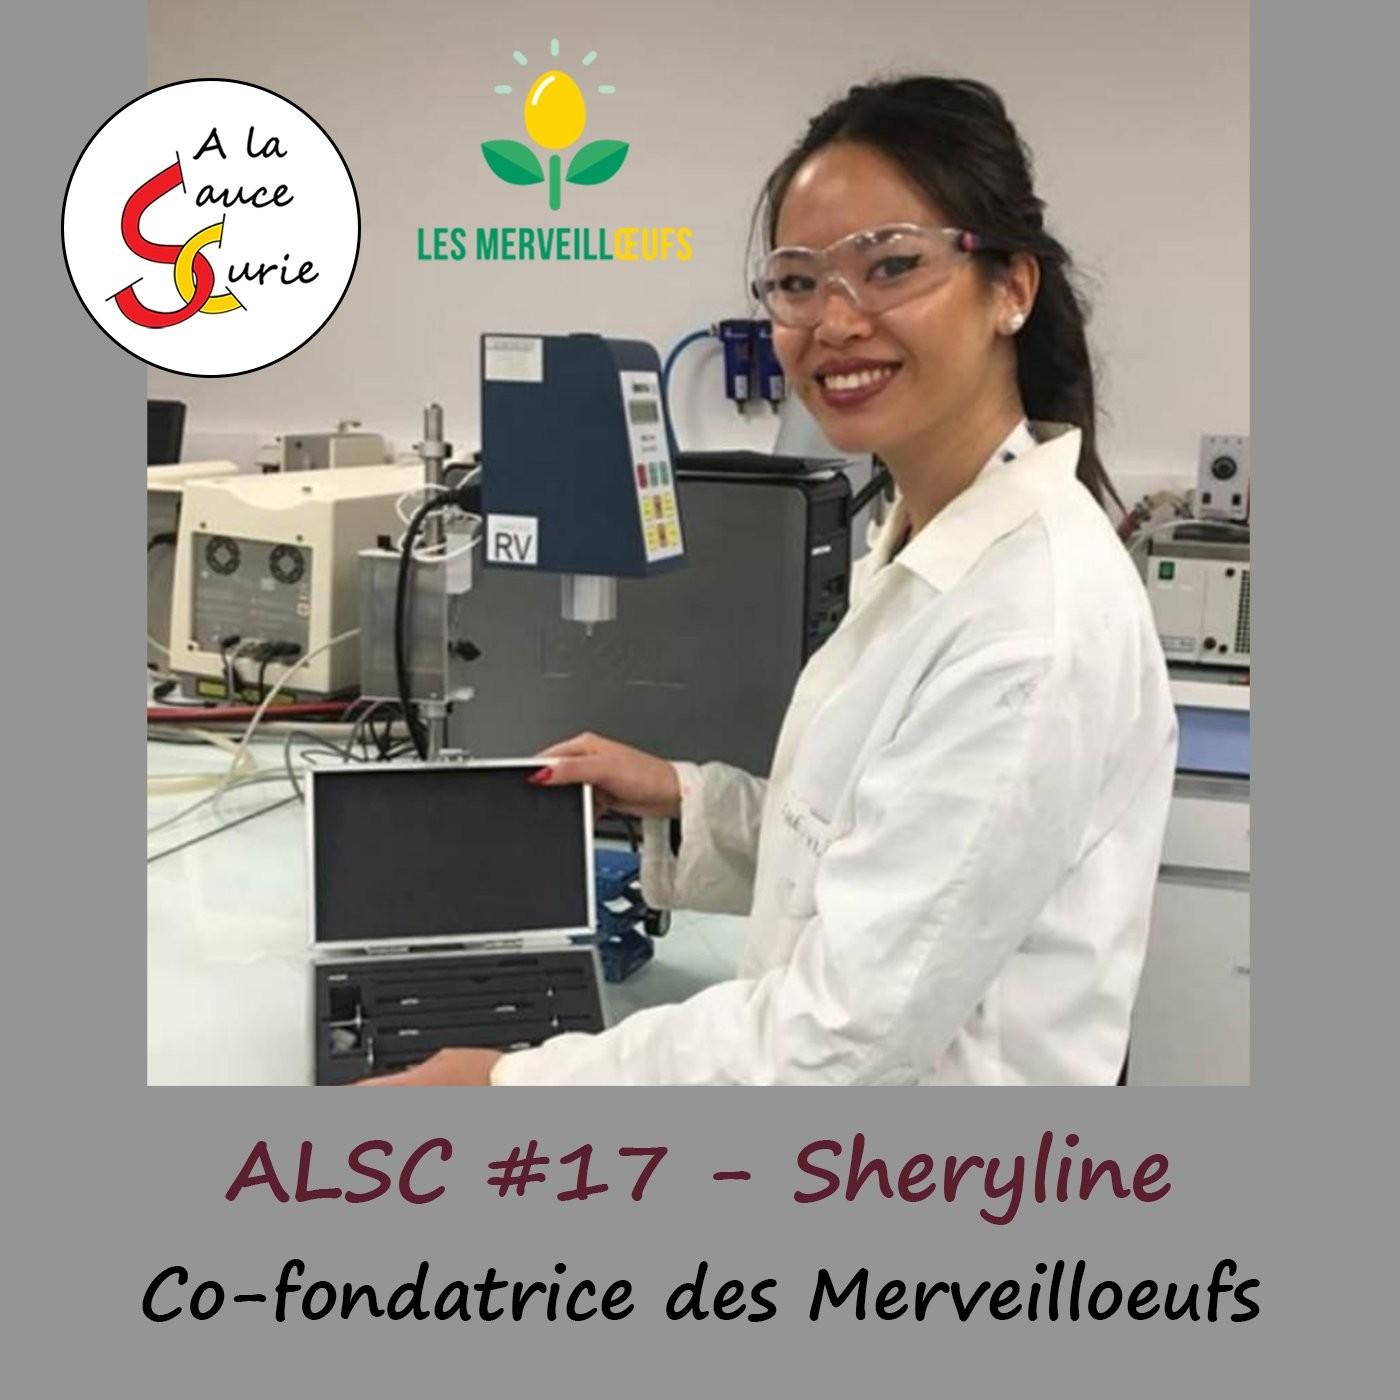 Sheryline, co-fondatrice des Merveilloeufs [ALSC S0217]